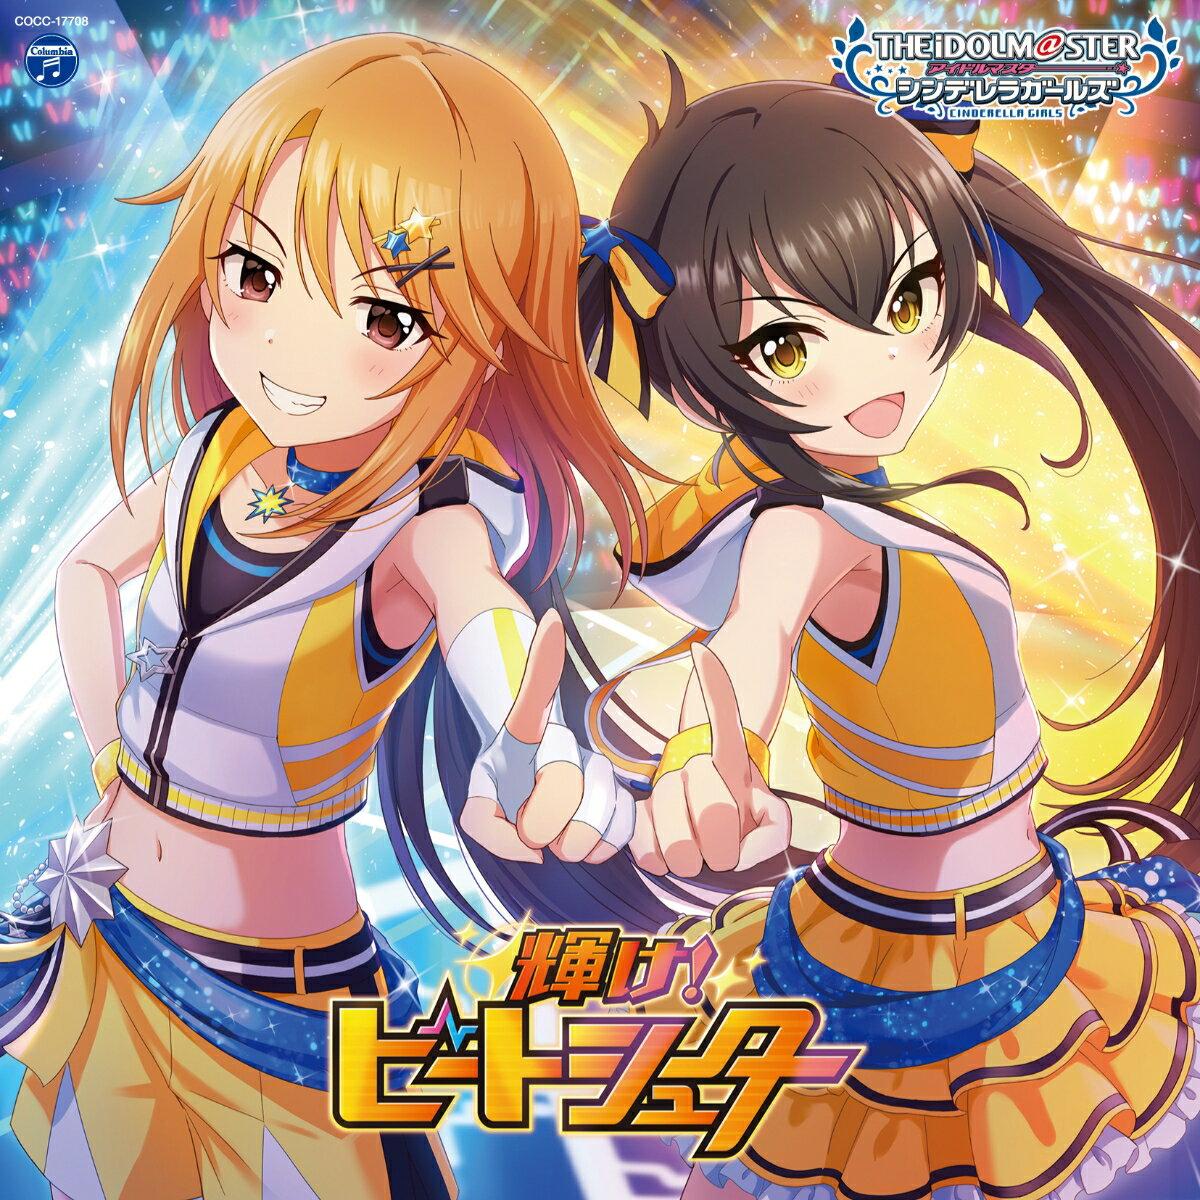 ゲームミュージック, その他 THE IDOLMSTER CINDERELLA GIRLS STARLIGHT MASTER for the NEXT! 08 !() ()